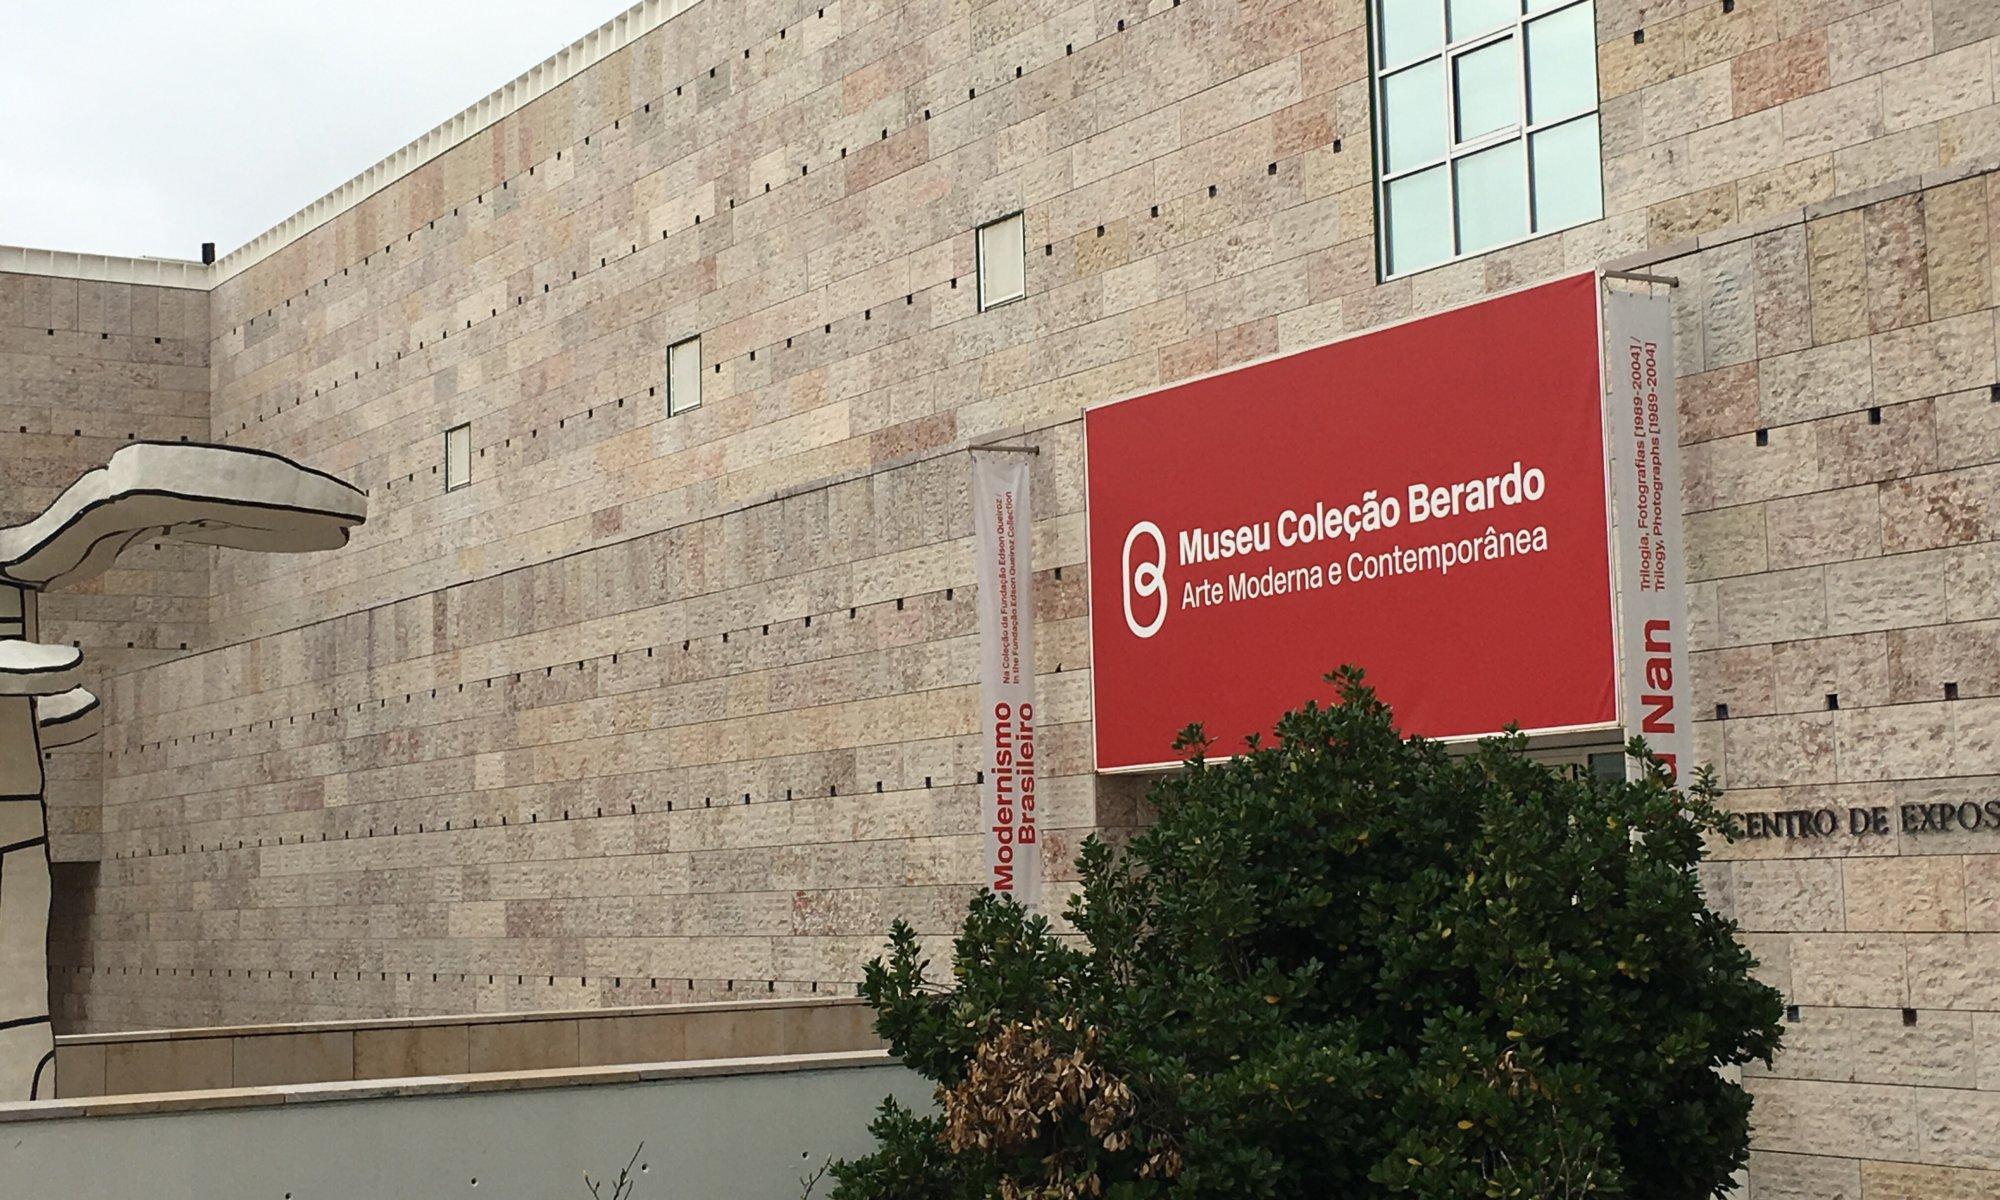 Museu Coleção Berardo, Belém, Lisboa